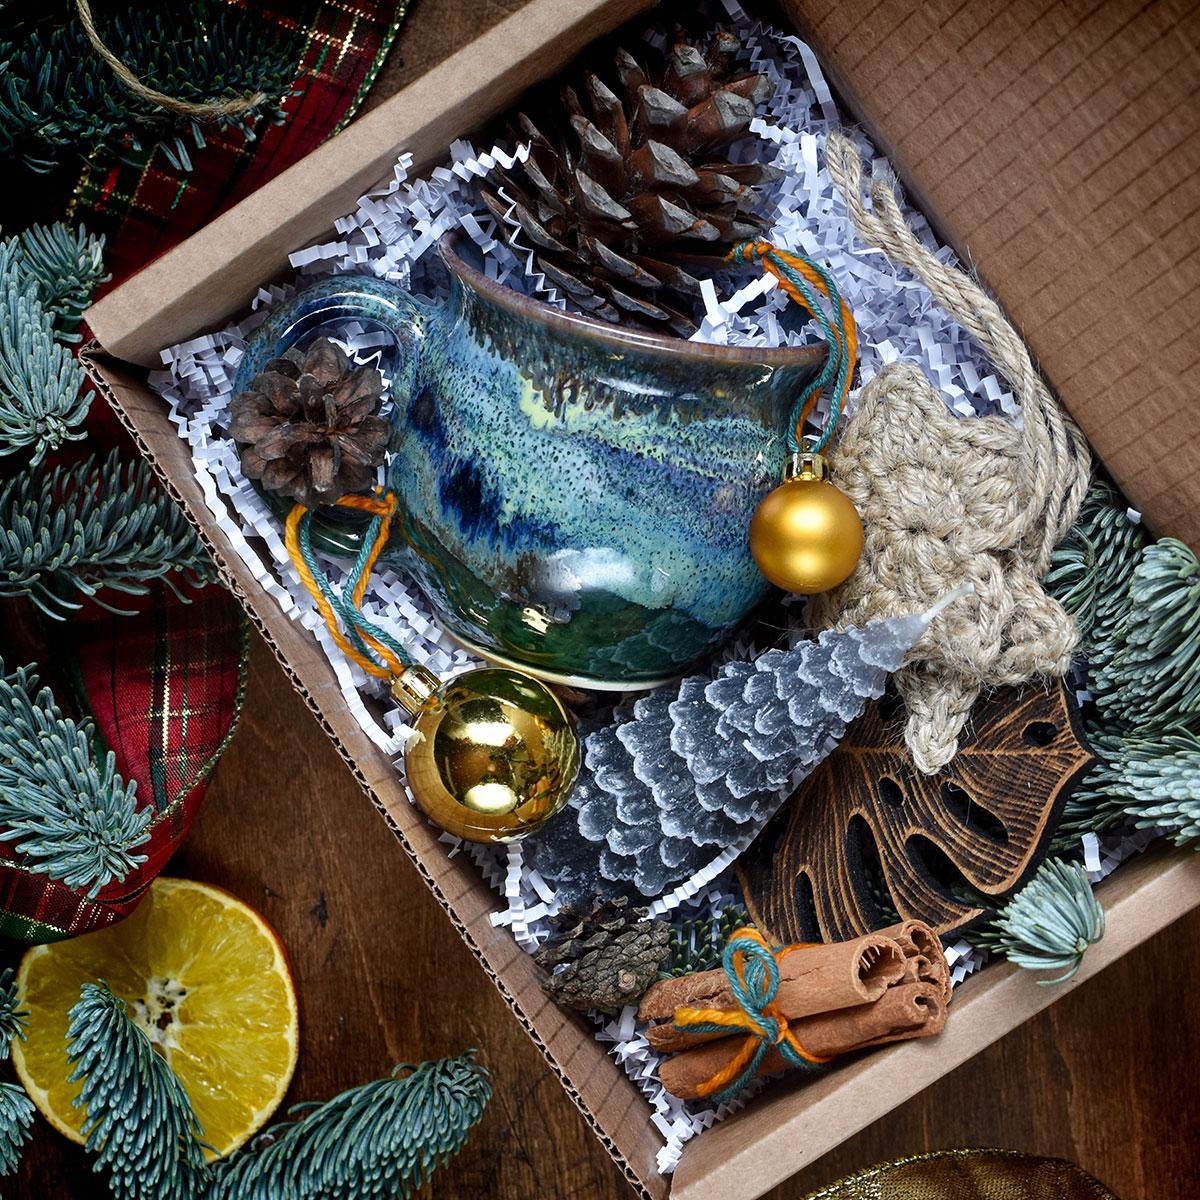 картинка Подарочный набор Новогодний темно-зеленый - DishWishes.Ru